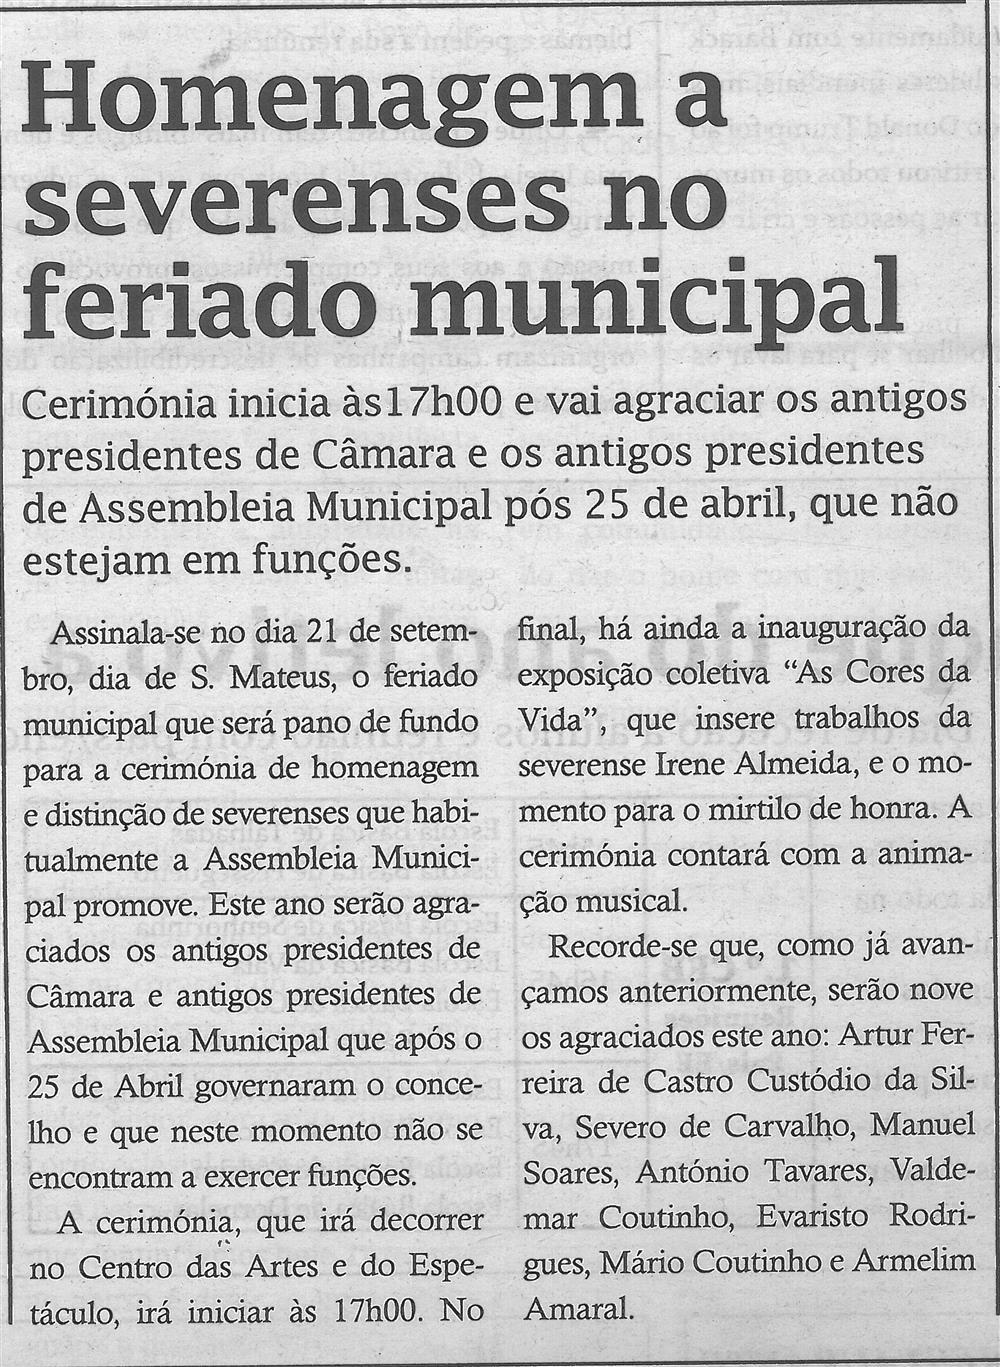 TV-set.'18-p.4-Homenagem a severenses no feriado municipal.jpg